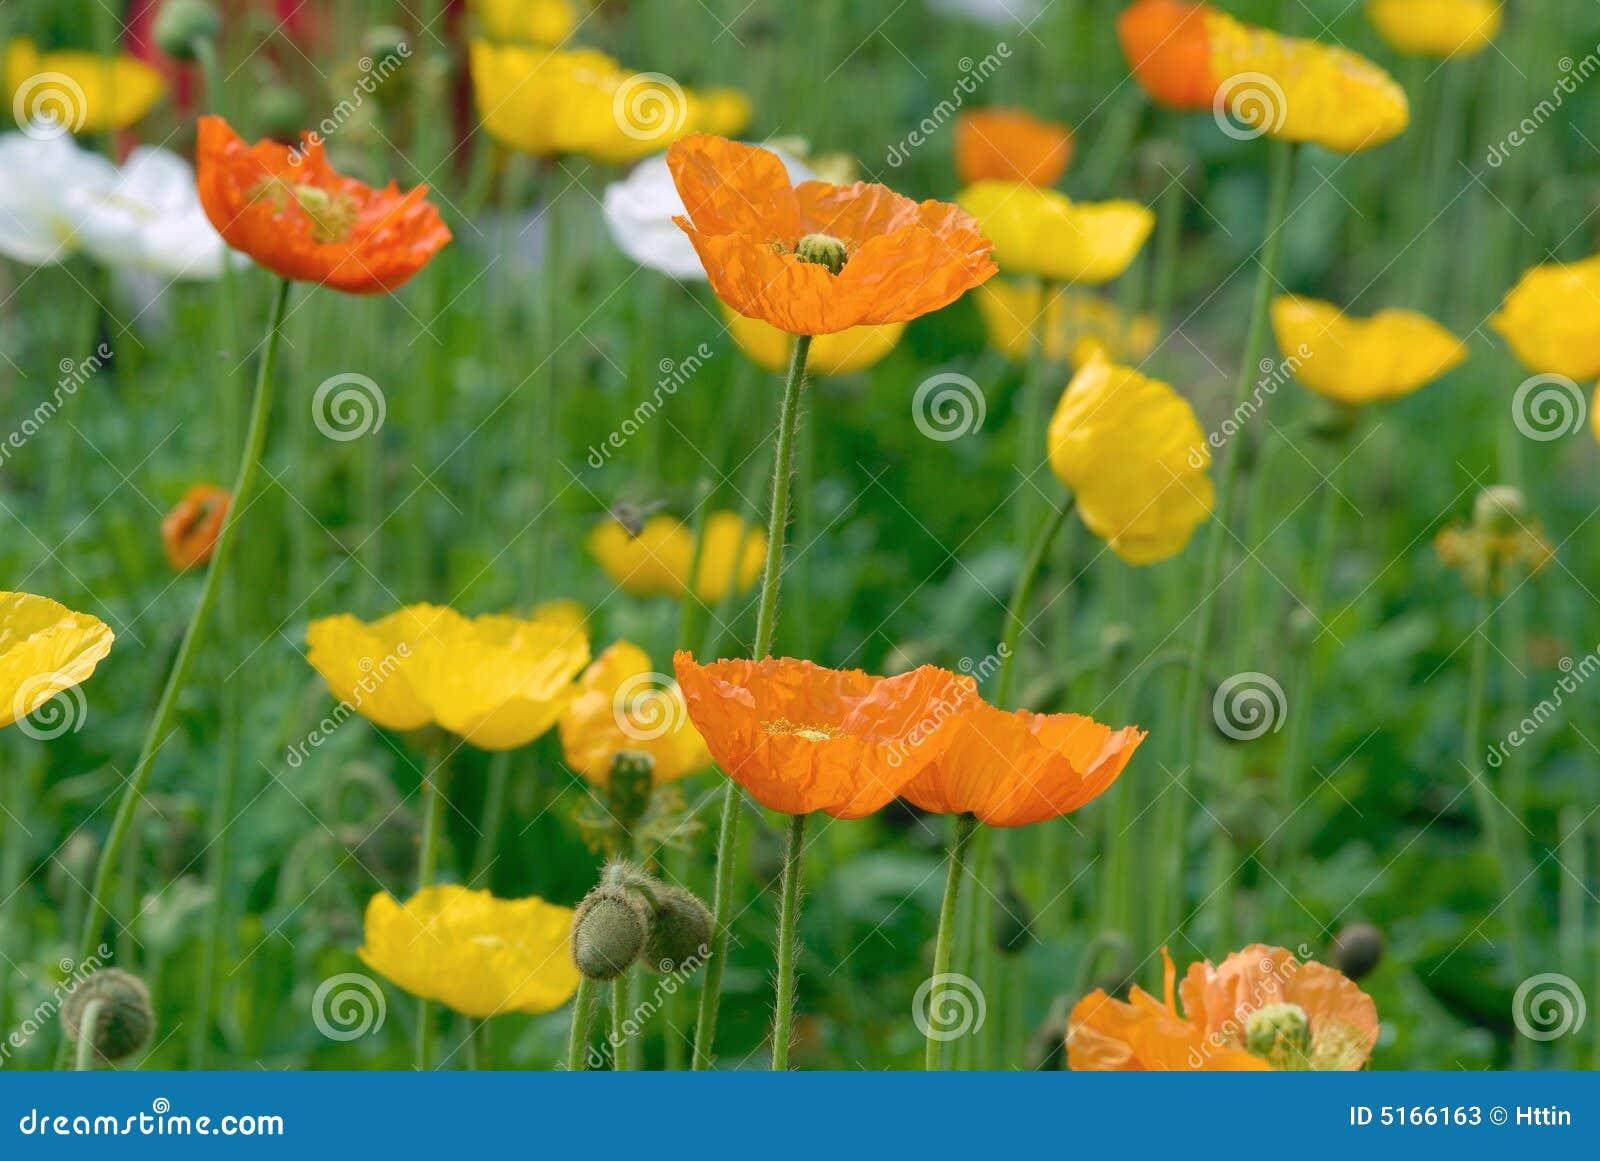 Opium Poppy Flower Stock Image Image Of Drug Book Garden 5166163